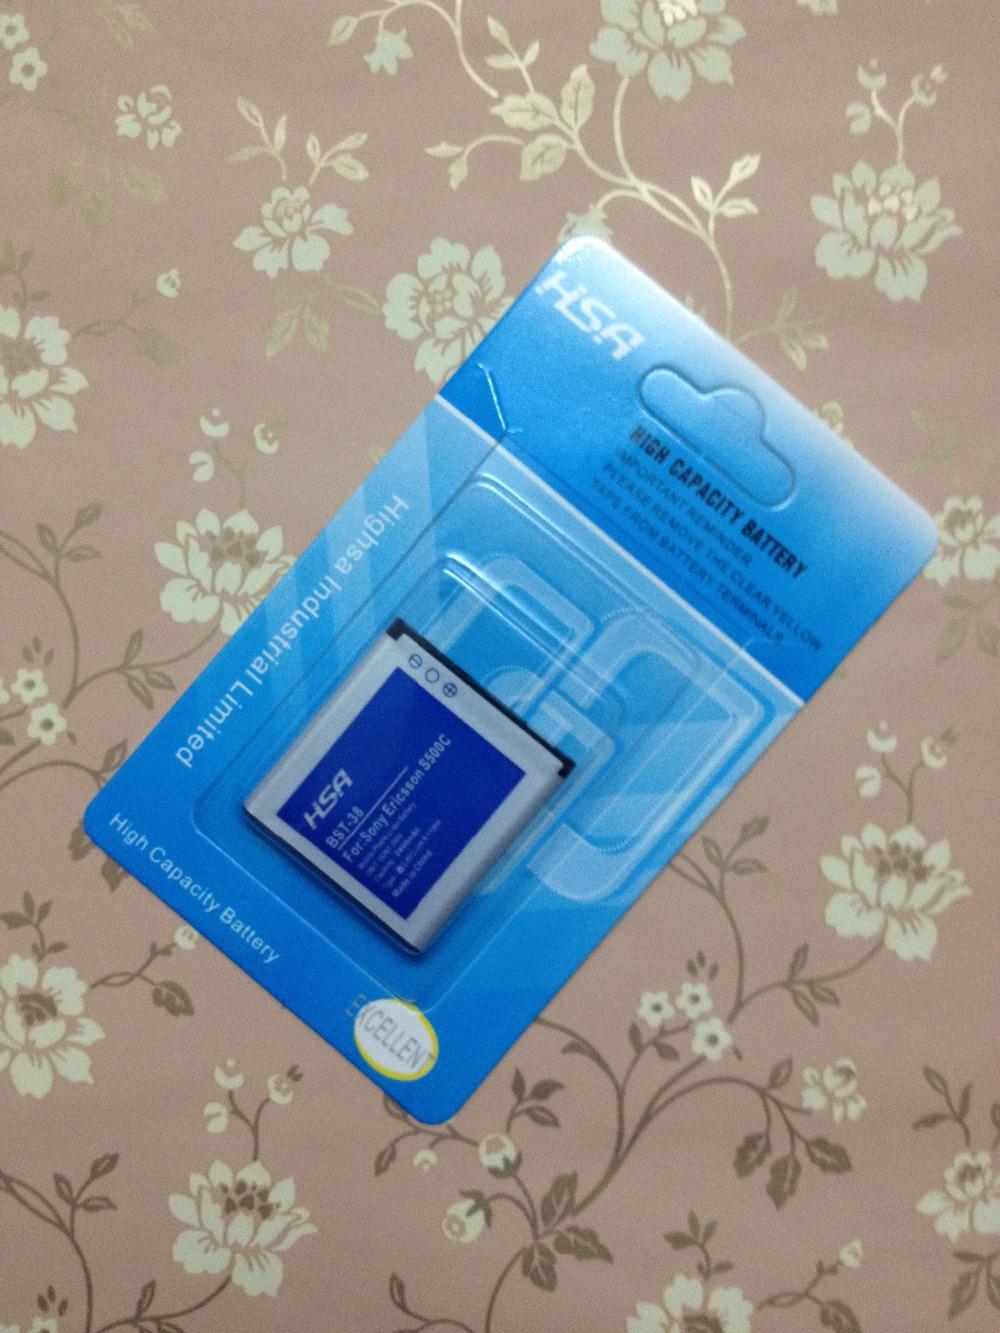 2400 mAh BST-38 / BST 38 bateria de alta capacidade para Sony Ericsson Xperia X10 mini / W980 / Z770i / C510 / C902 / C905 / K770 / K858 / / K850 / R300i(China (Mainland))